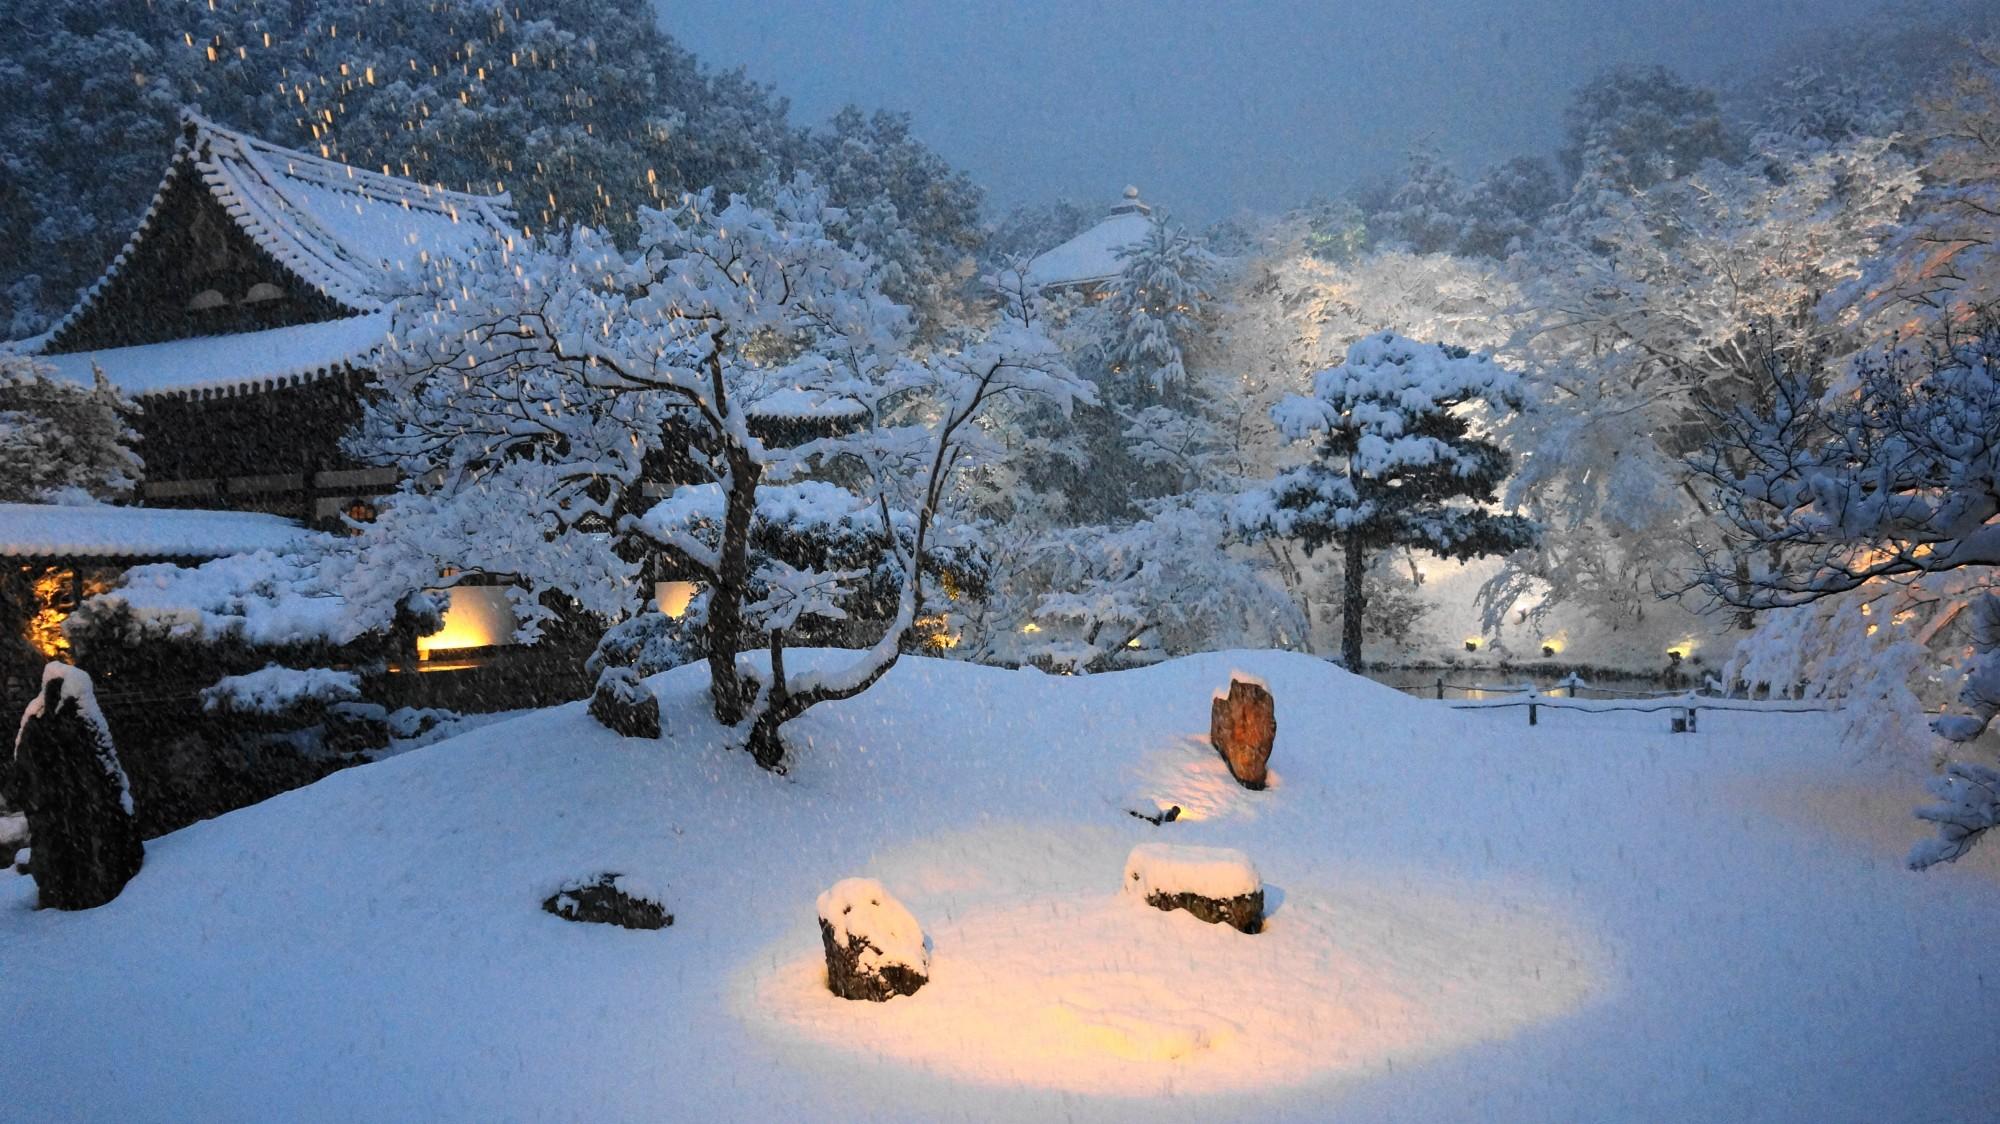 高台寺 雪 白銀の庭園と圧巻の冬景色